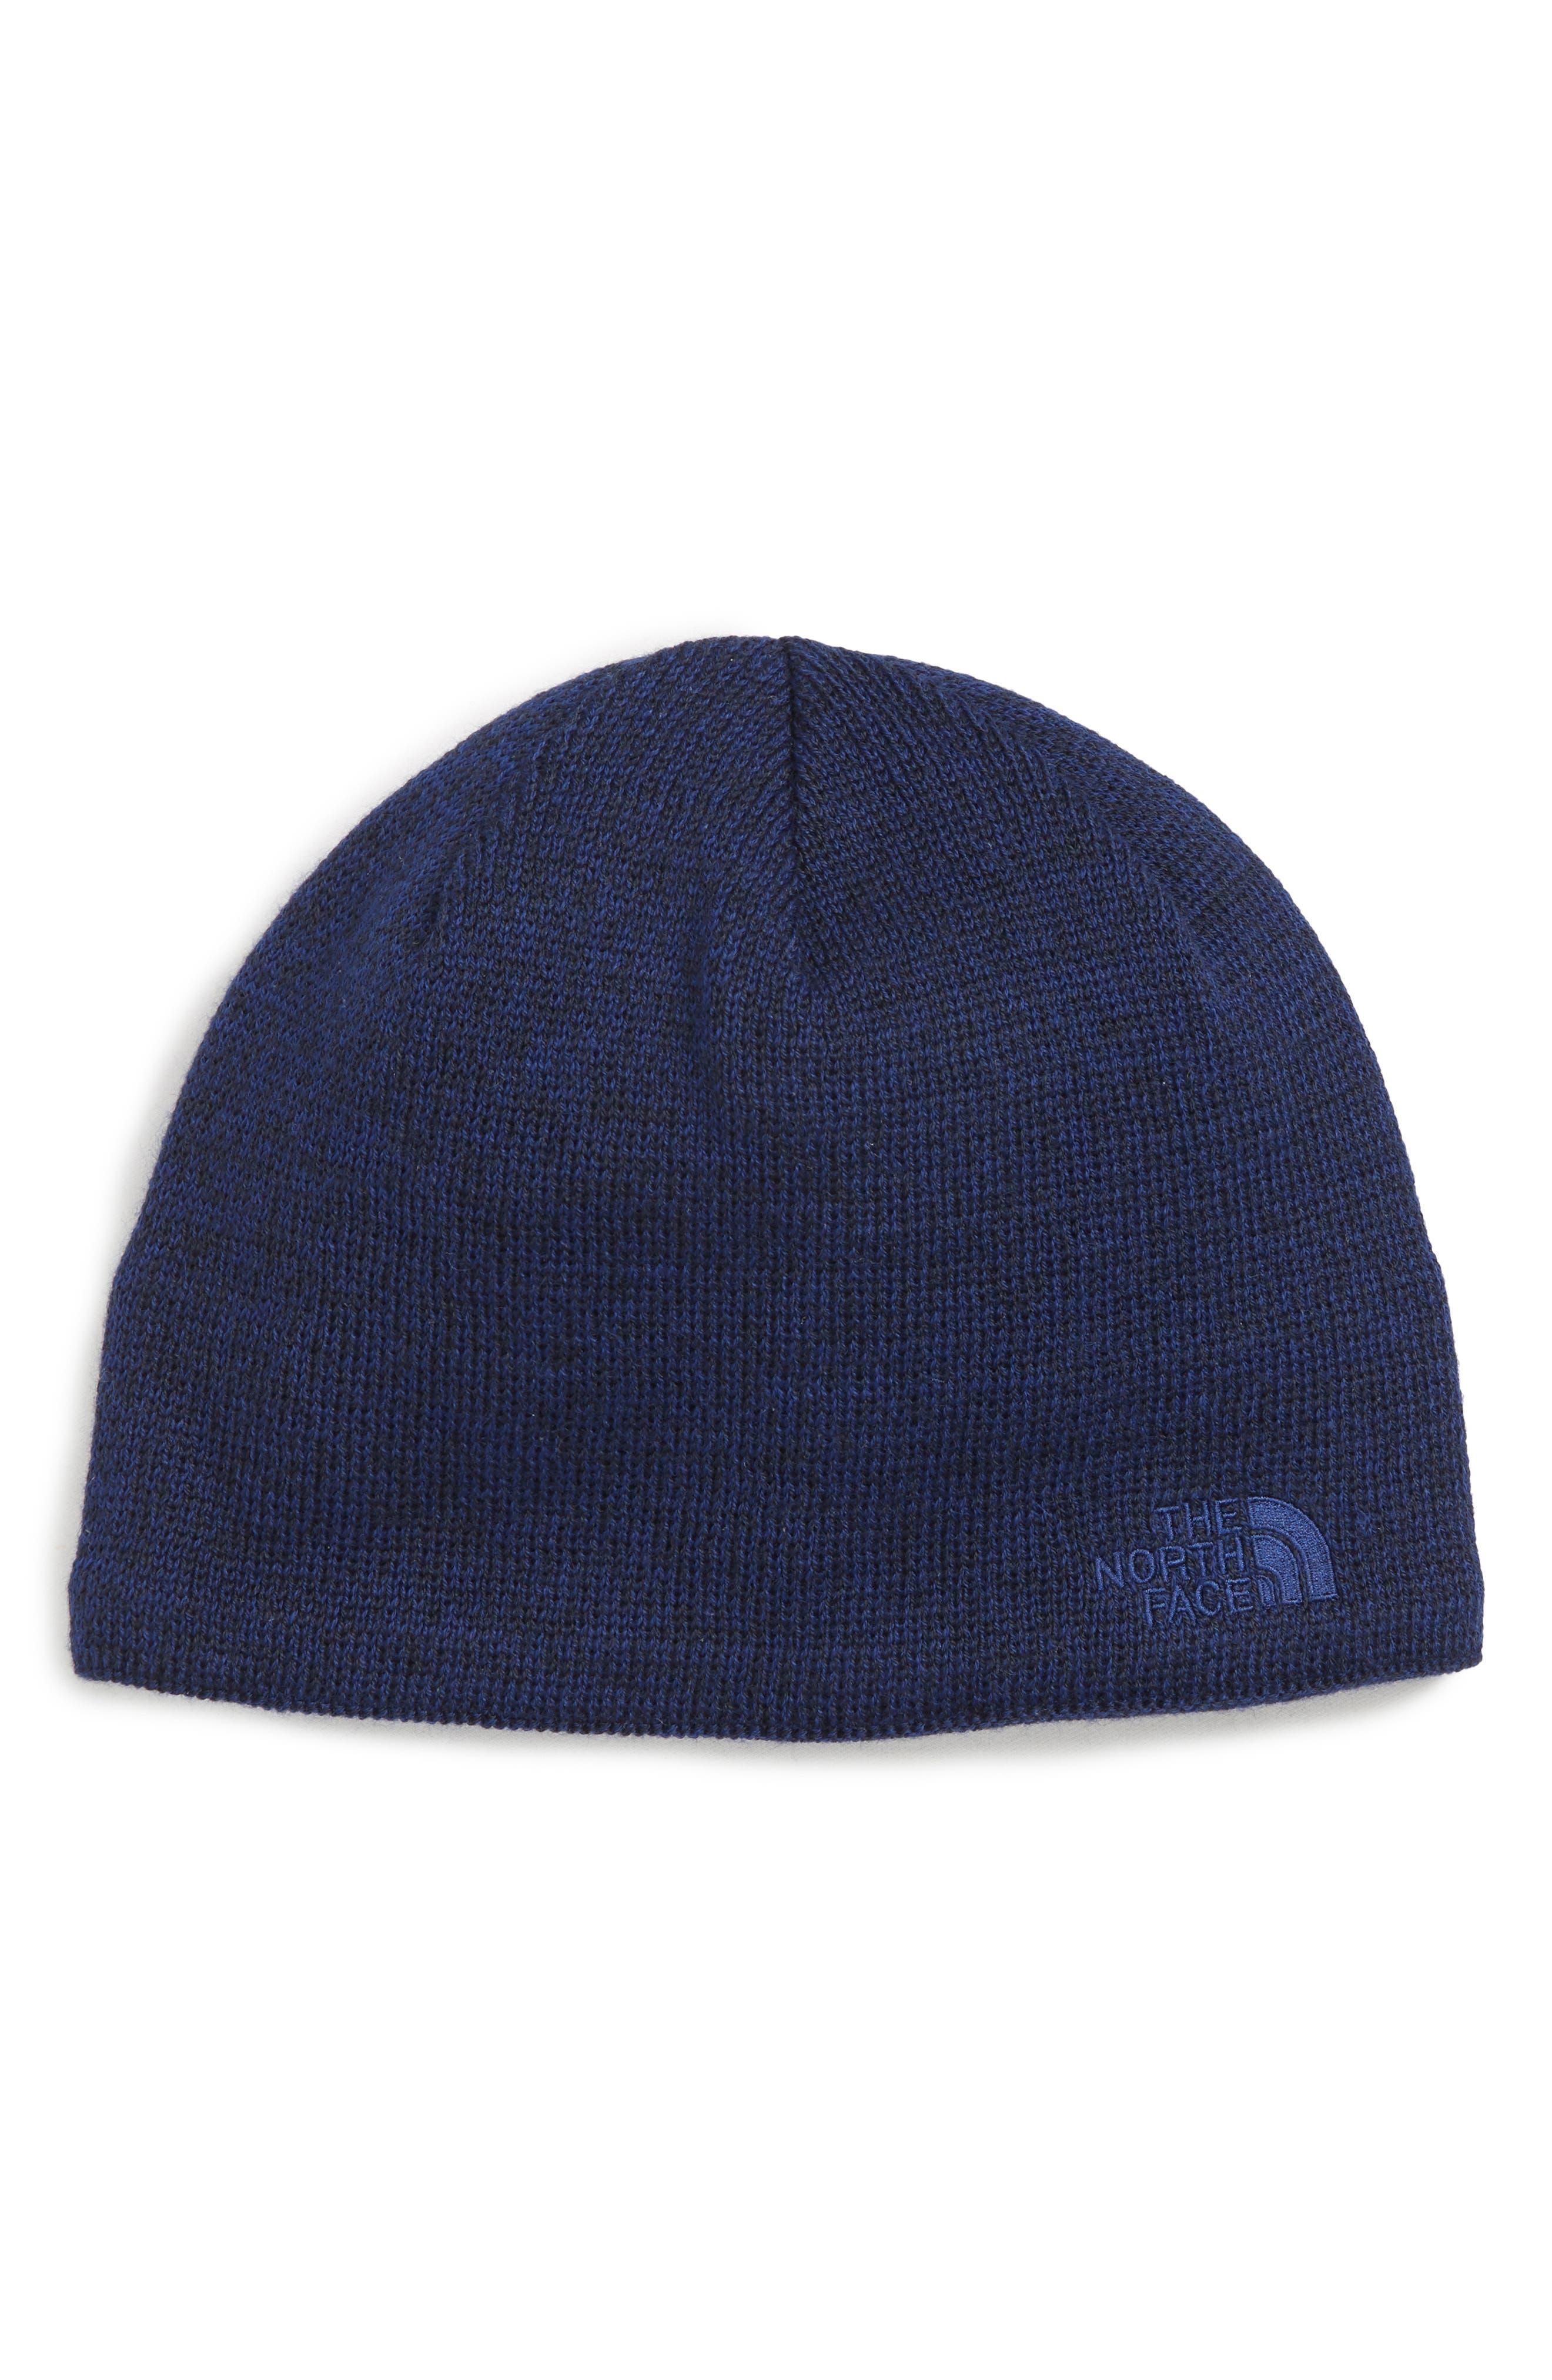 a13b5f0a047 ... switzerland mens hats hats for men nordstrom d3cbd c298f